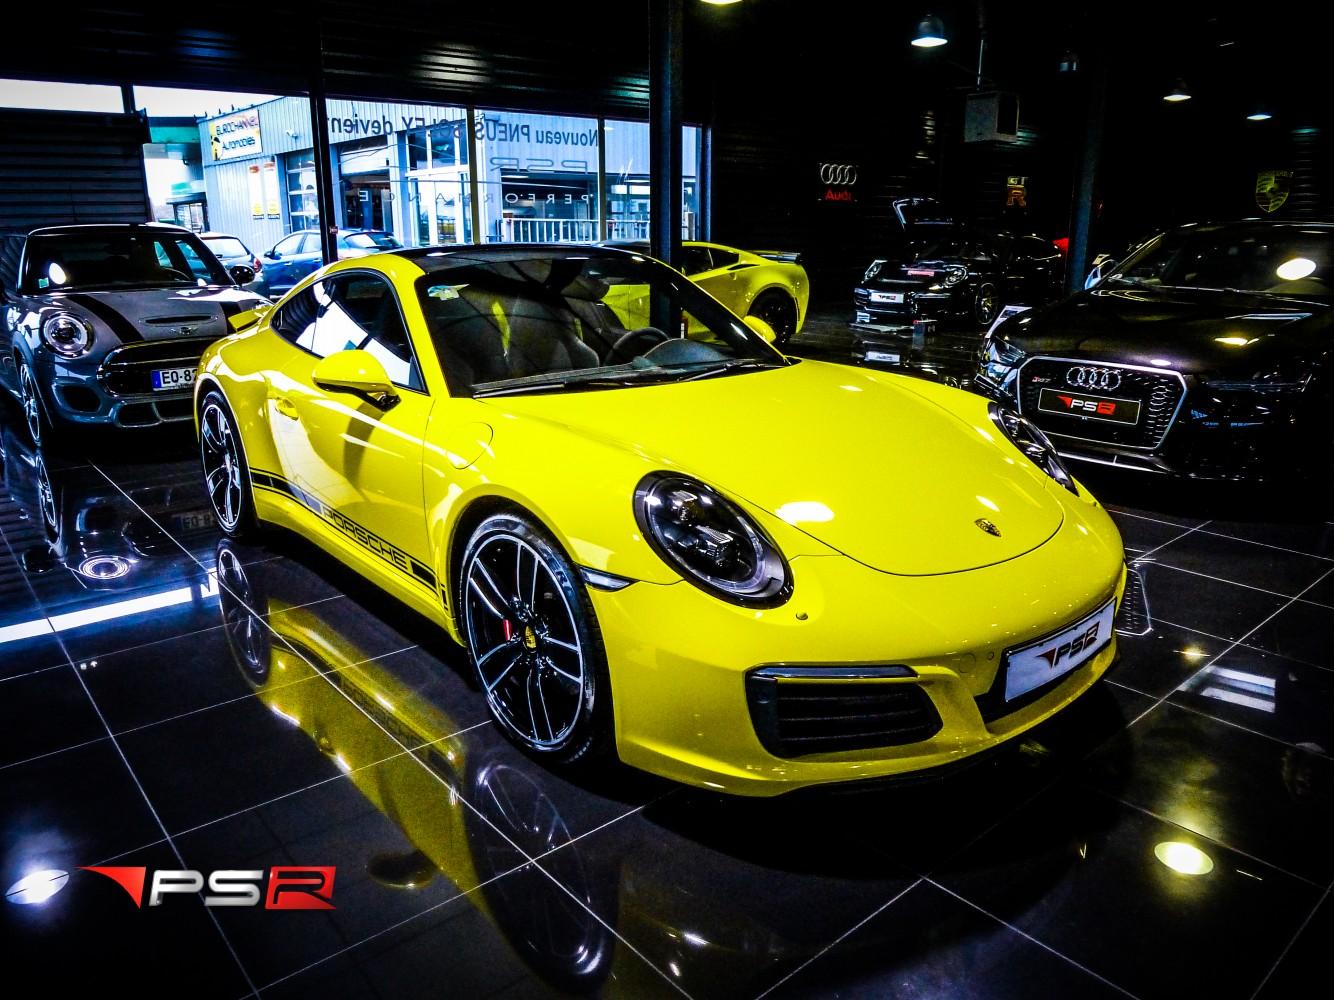 PORSCHE 911 TYPE 991 420 HP